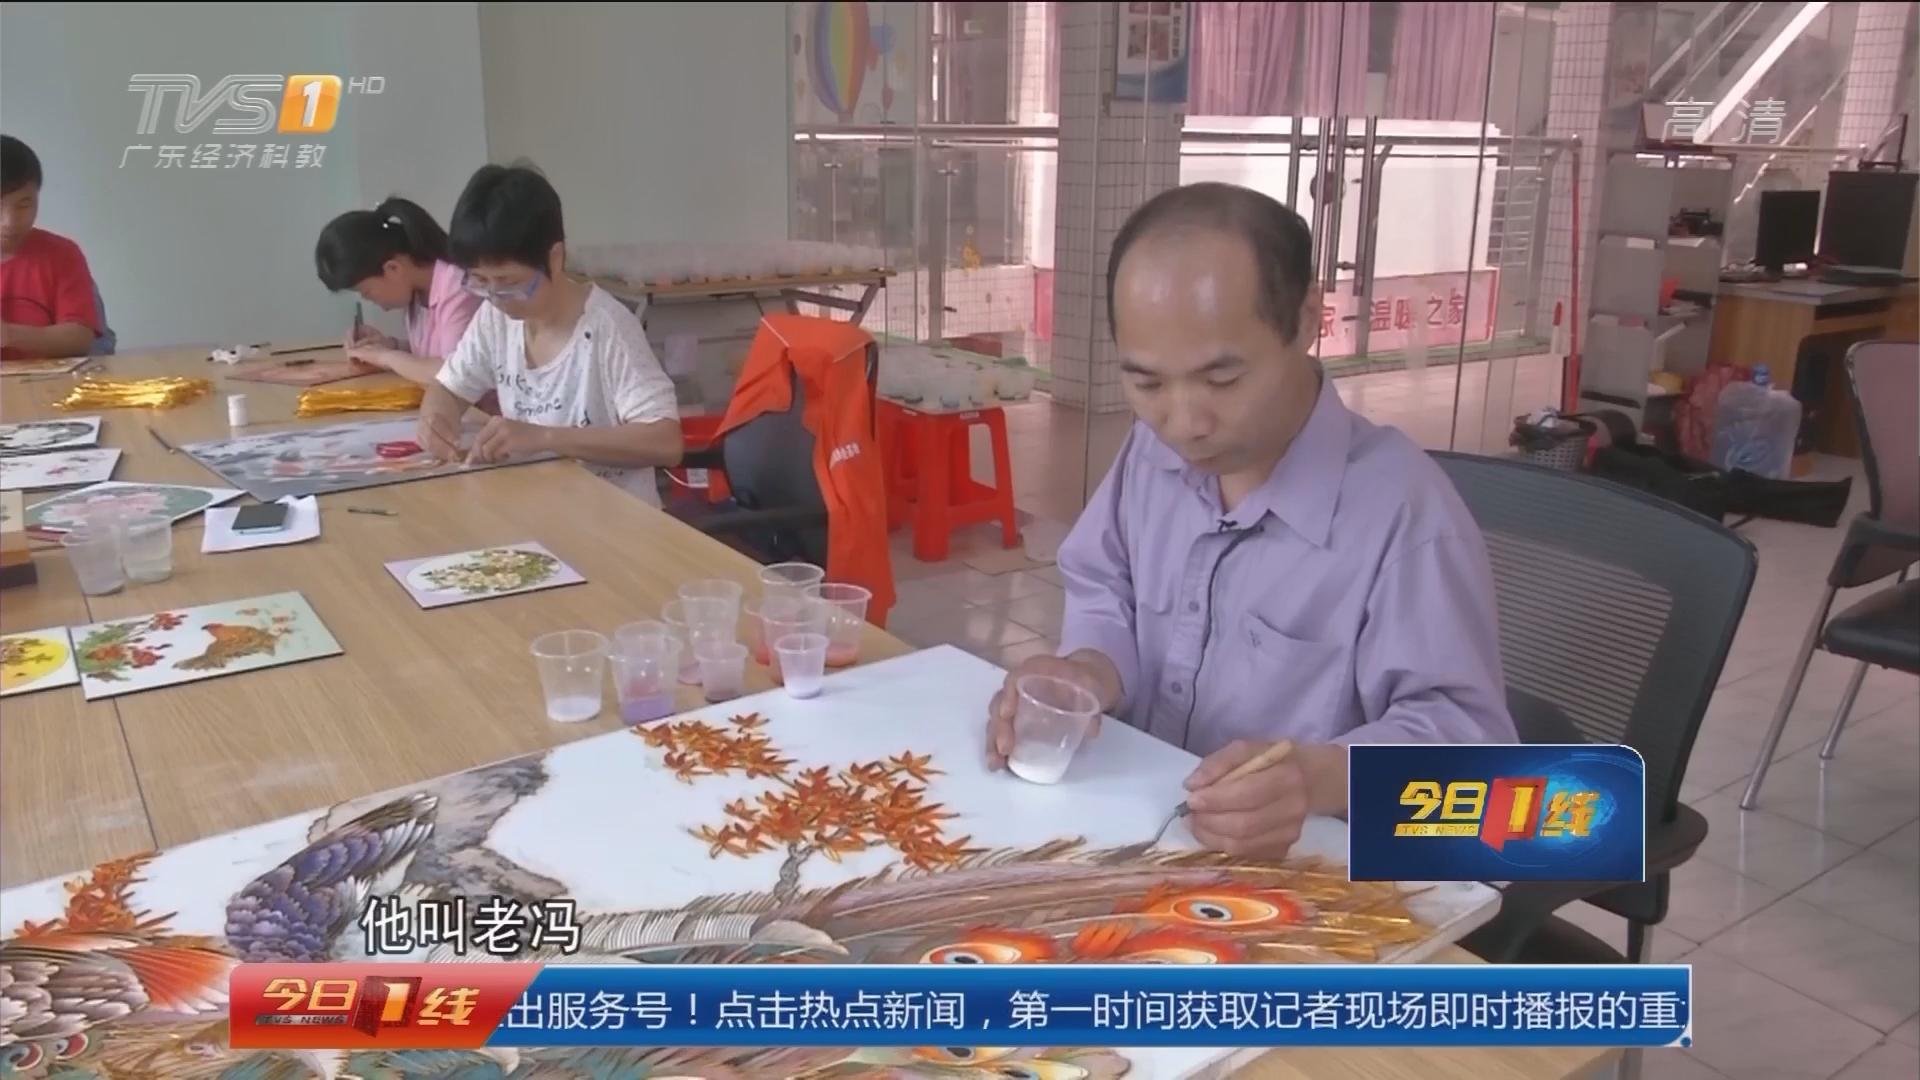 助残日策划:佛山顺德陈村镇 精美景泰蓝 残疾人工作室出品